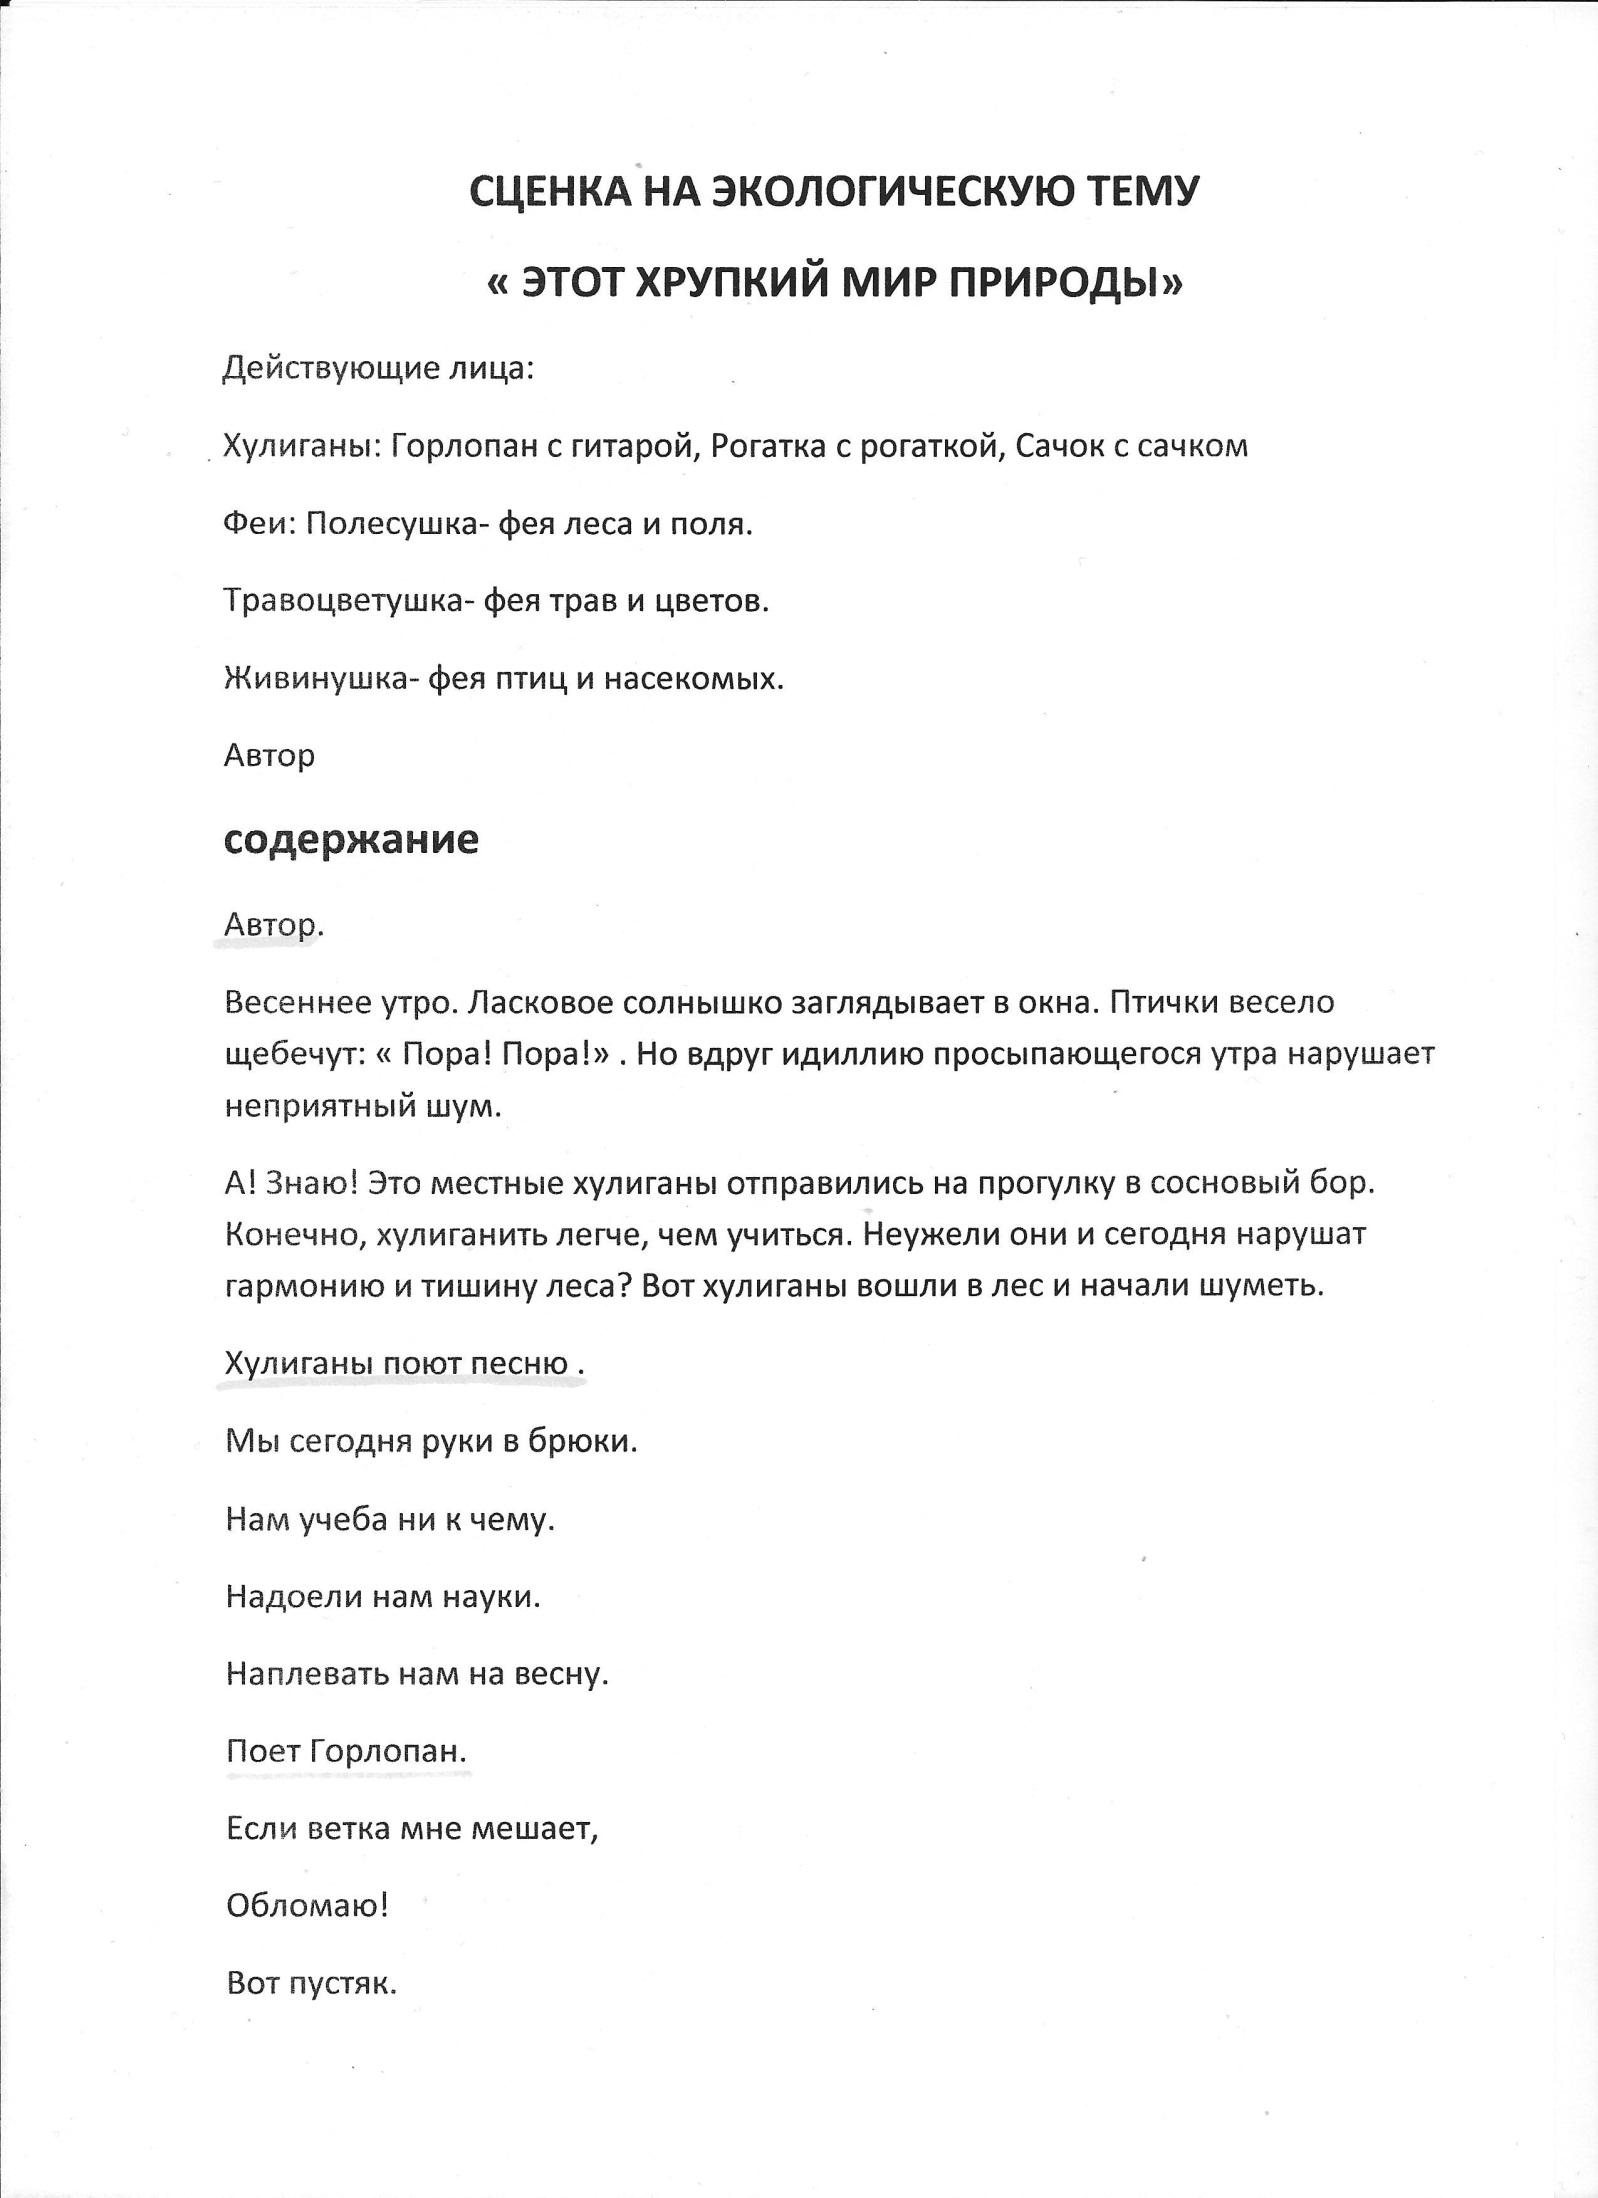 C:\Users\днс\Desktop\сканы сценариев Розовой\На экологическую тему\scan0001.jpg